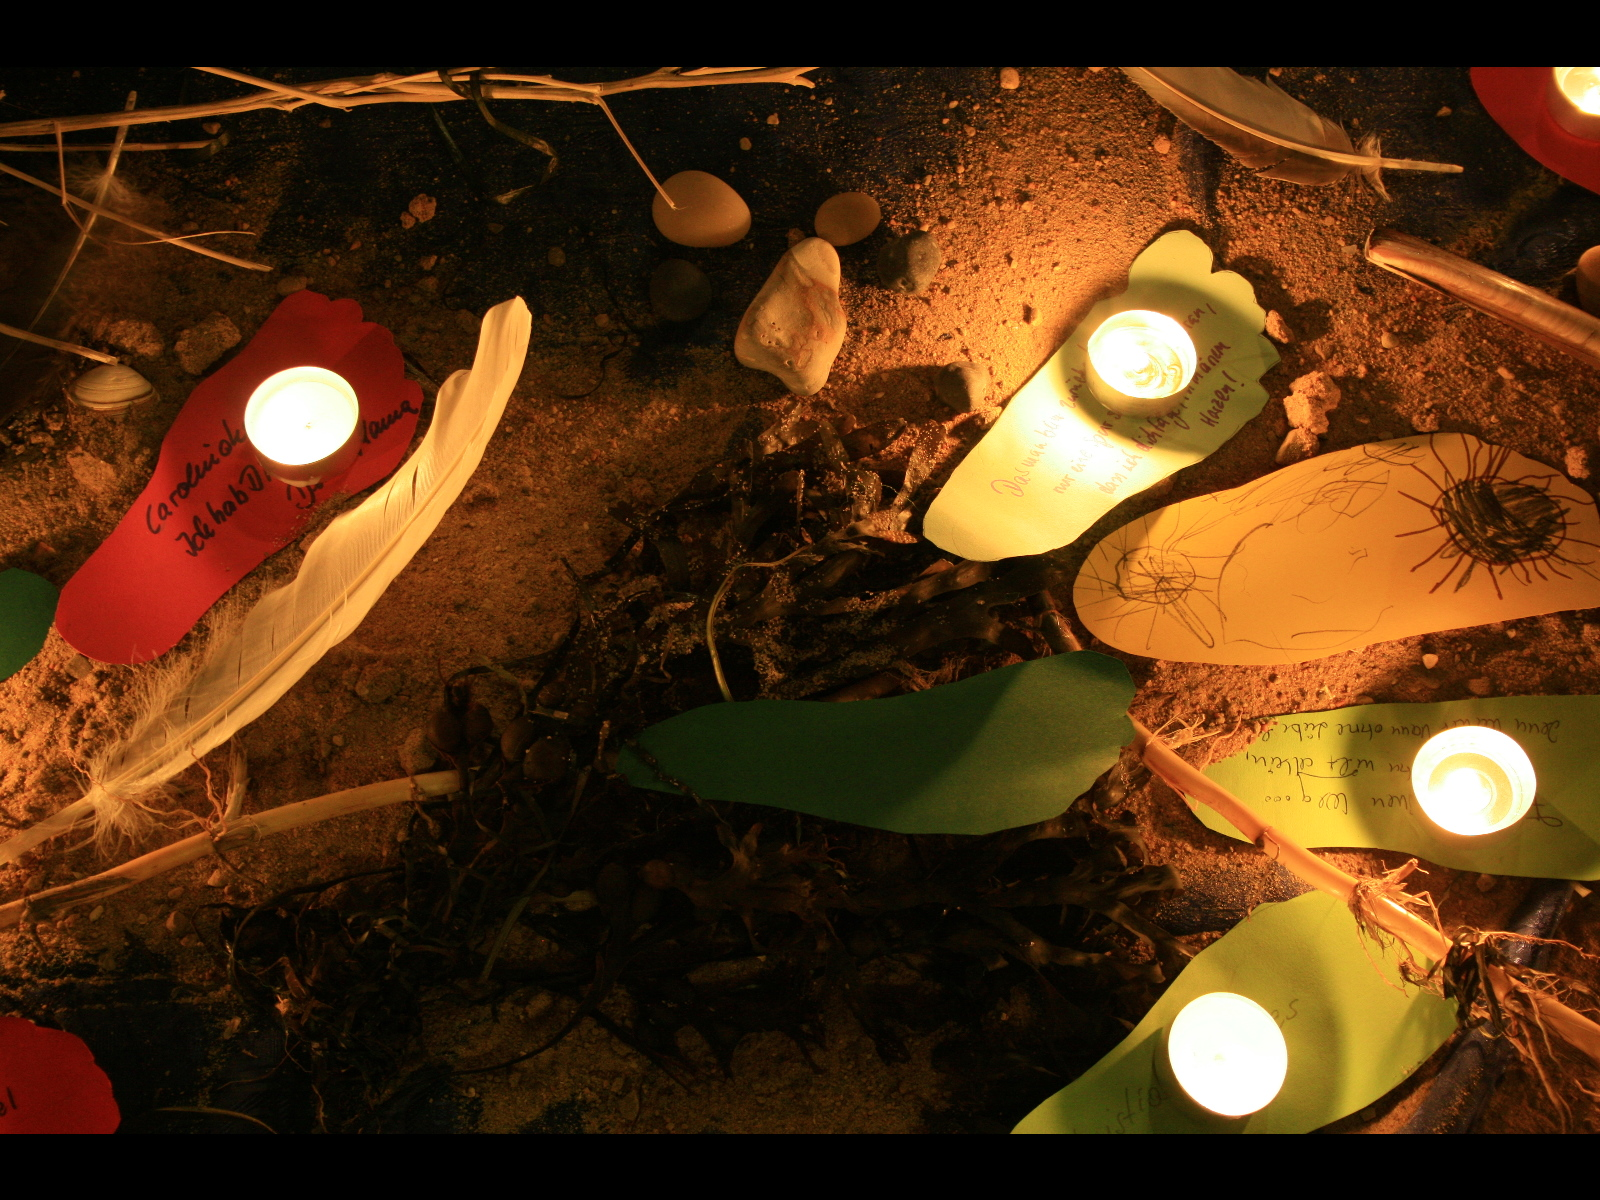 Gedenkfeiertag_14-12-2008-7492